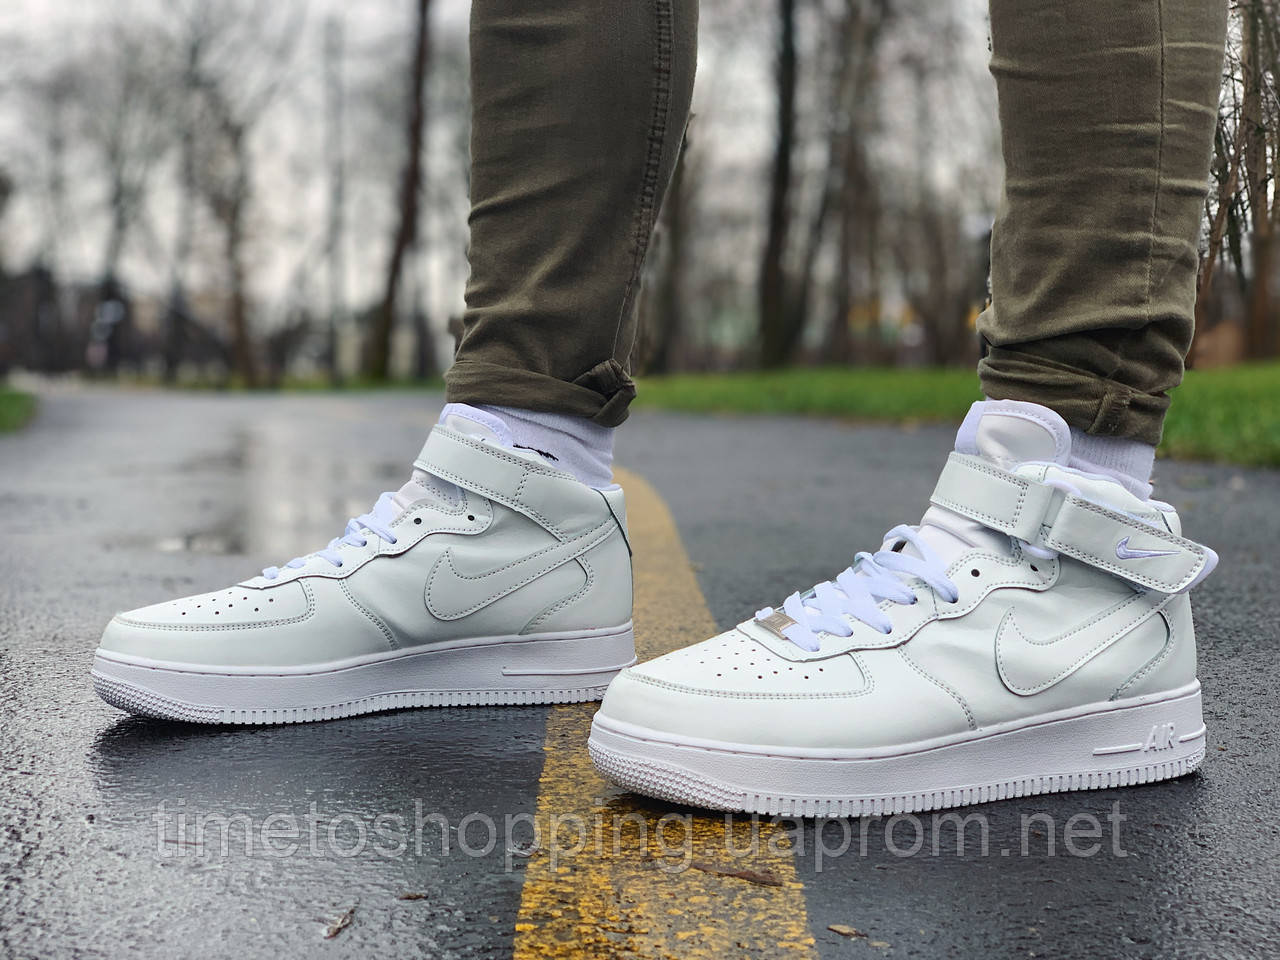 Кроссовки мужские  высокие натуральная кожа Nike Air Force Найк Аир Форс РАЗМЕР (41,44)